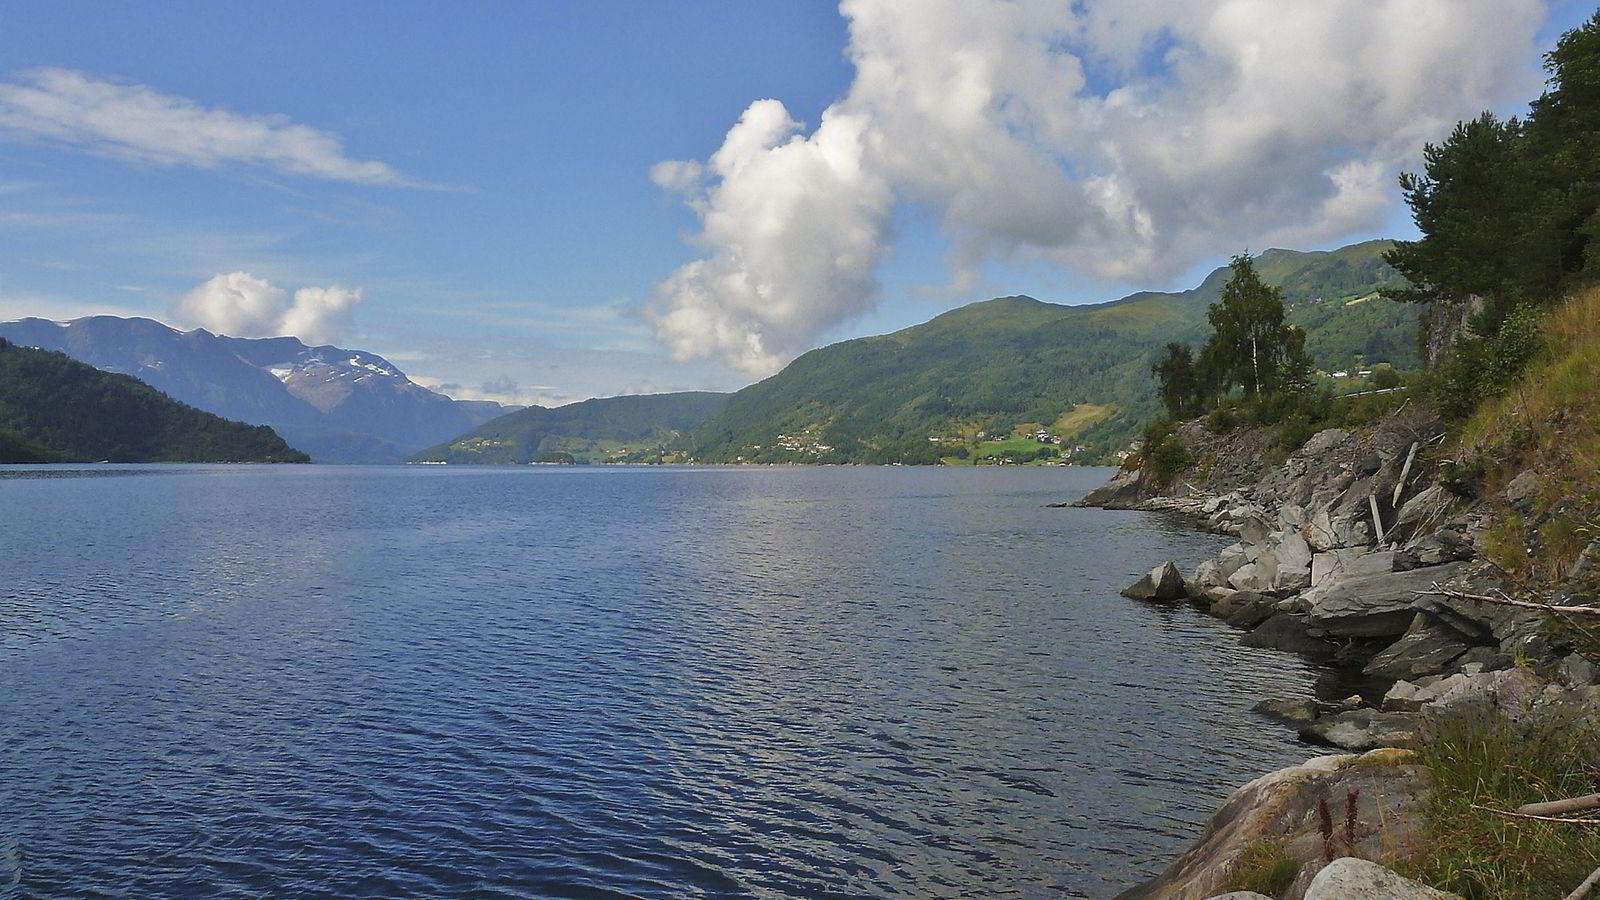 Å finknuse Engebøfjellet og dumpe det som gruveslam i Førdefjorden er i utgangspunktet en stor sløsing med mineralressurser mener forfatteren.